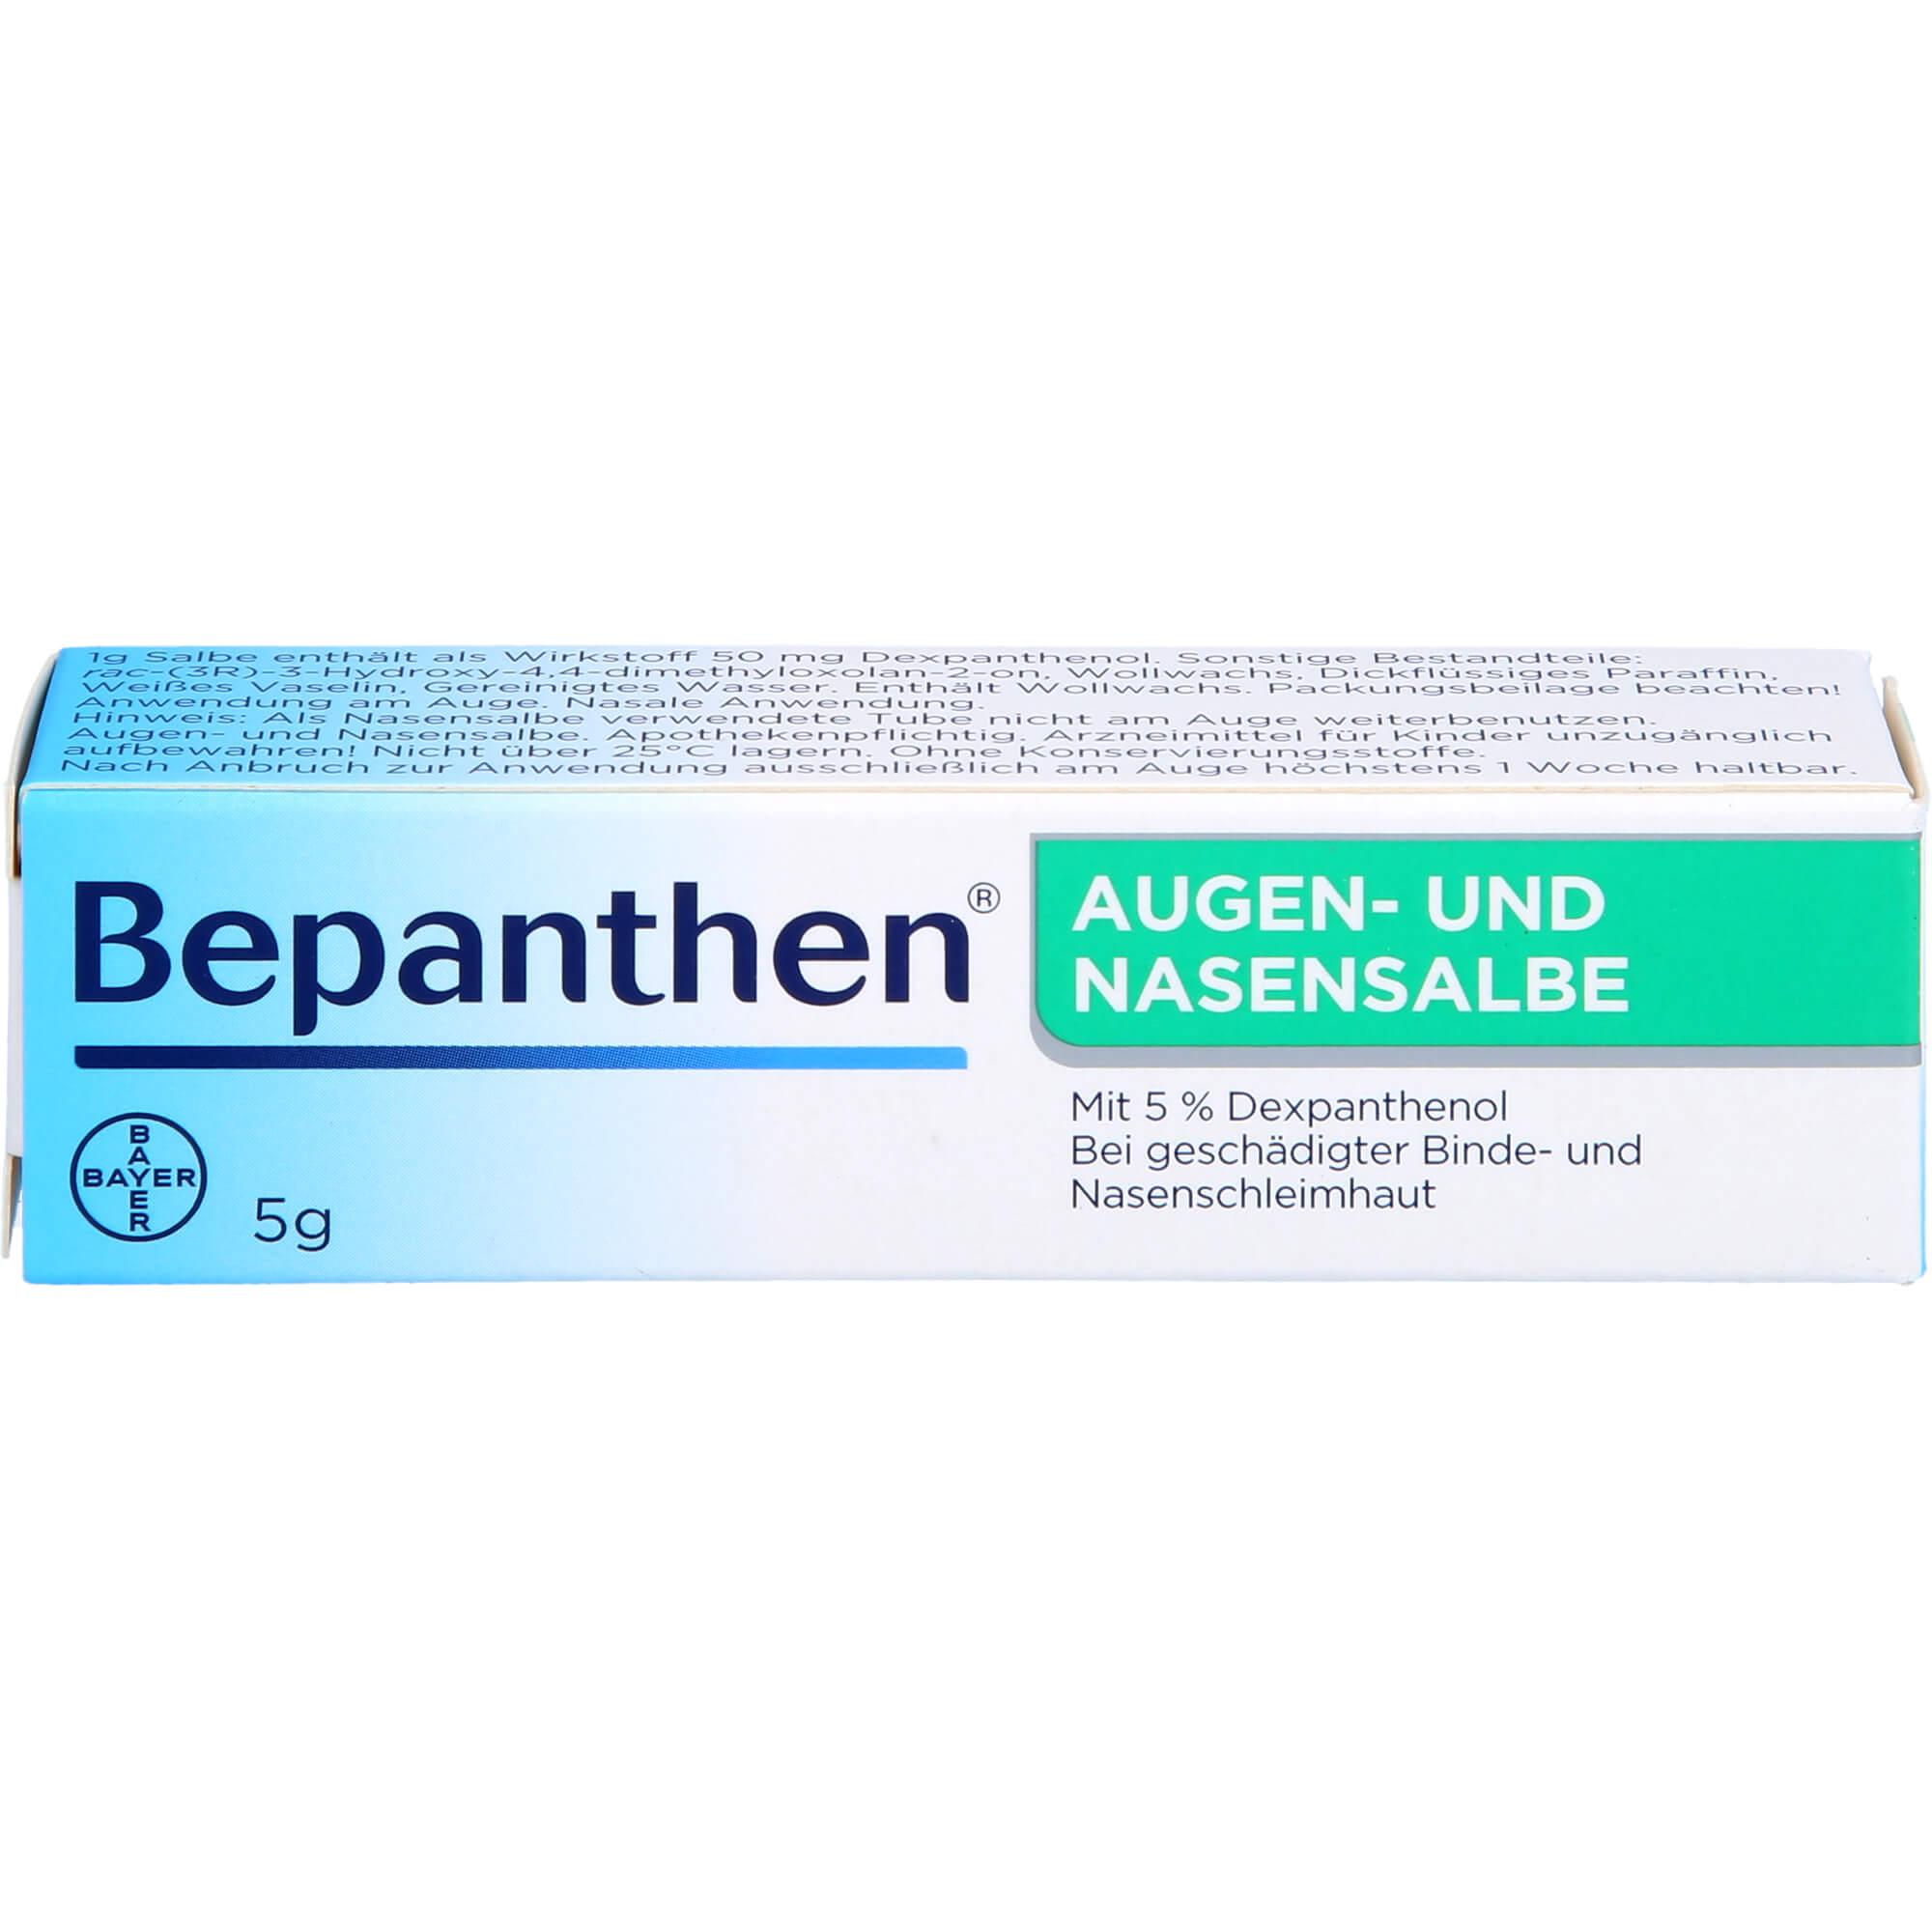 BEPANTHEN-Augen-und-Nasensalbe